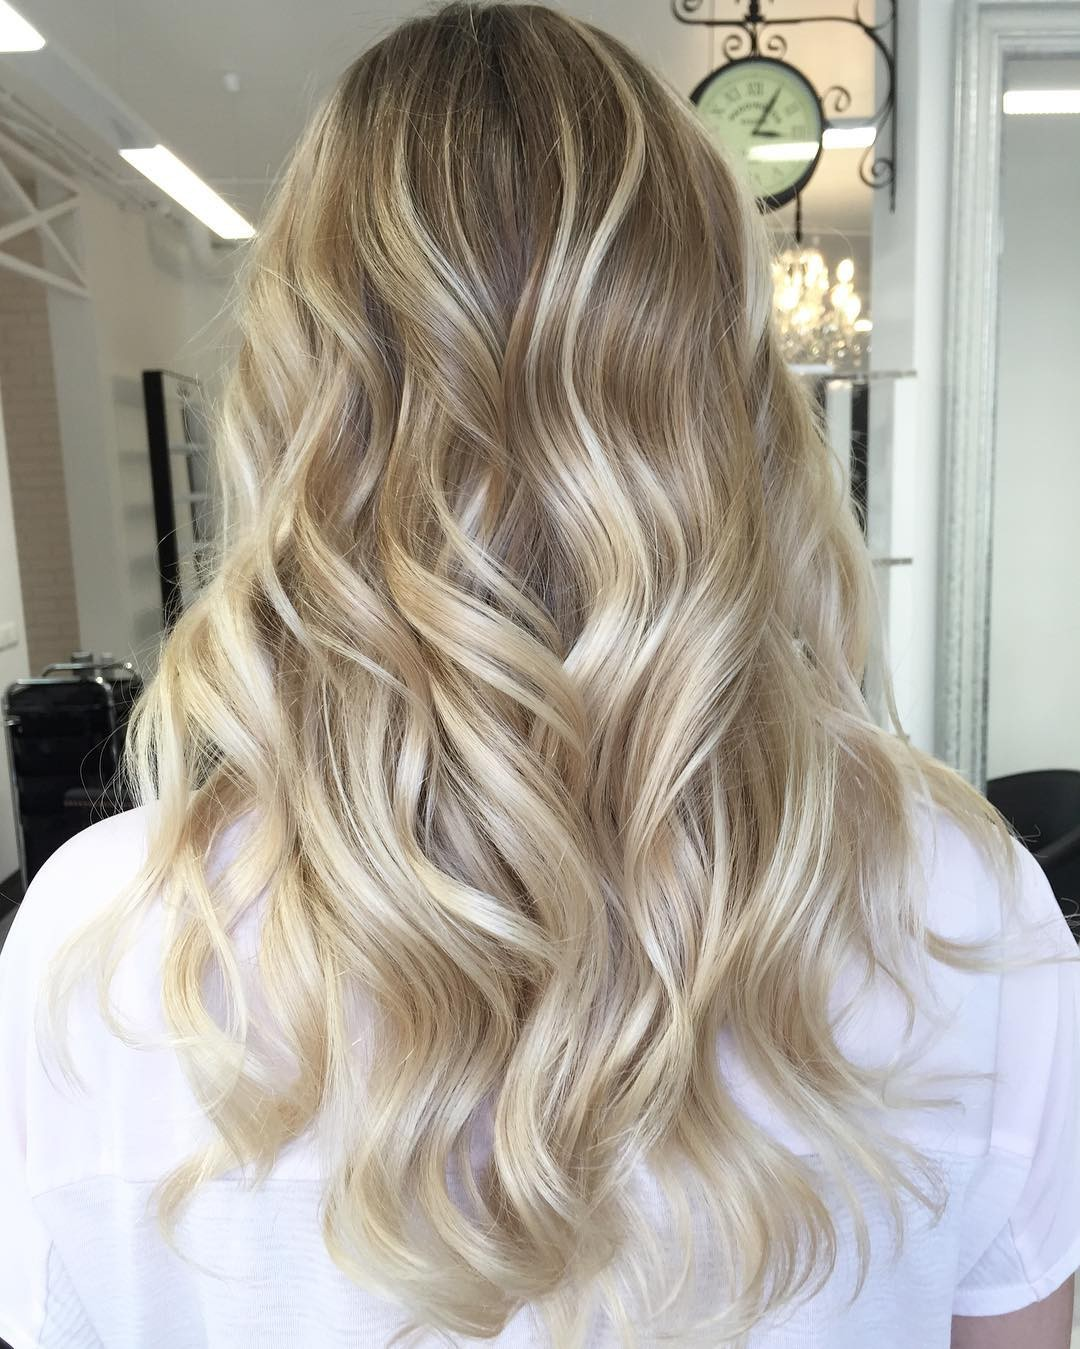 шатуш на светлые волосы